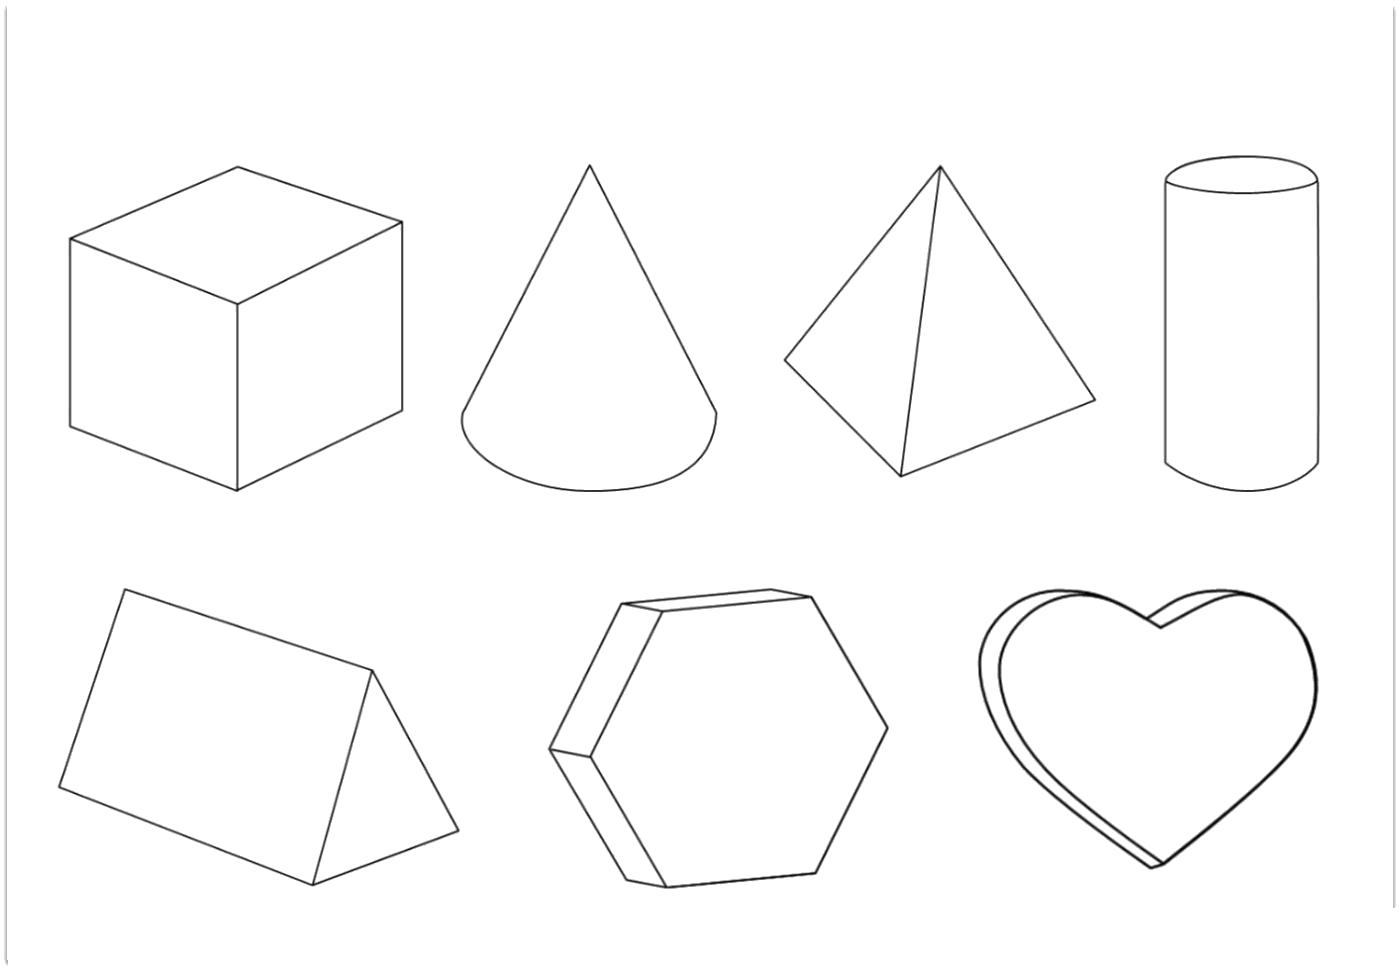 Название: Раскраска Раскраски геометрические фигуры из бумаги объемные геометрические фигуры контур, шаблоны. Категория: геометрические фигуры. Теги: .